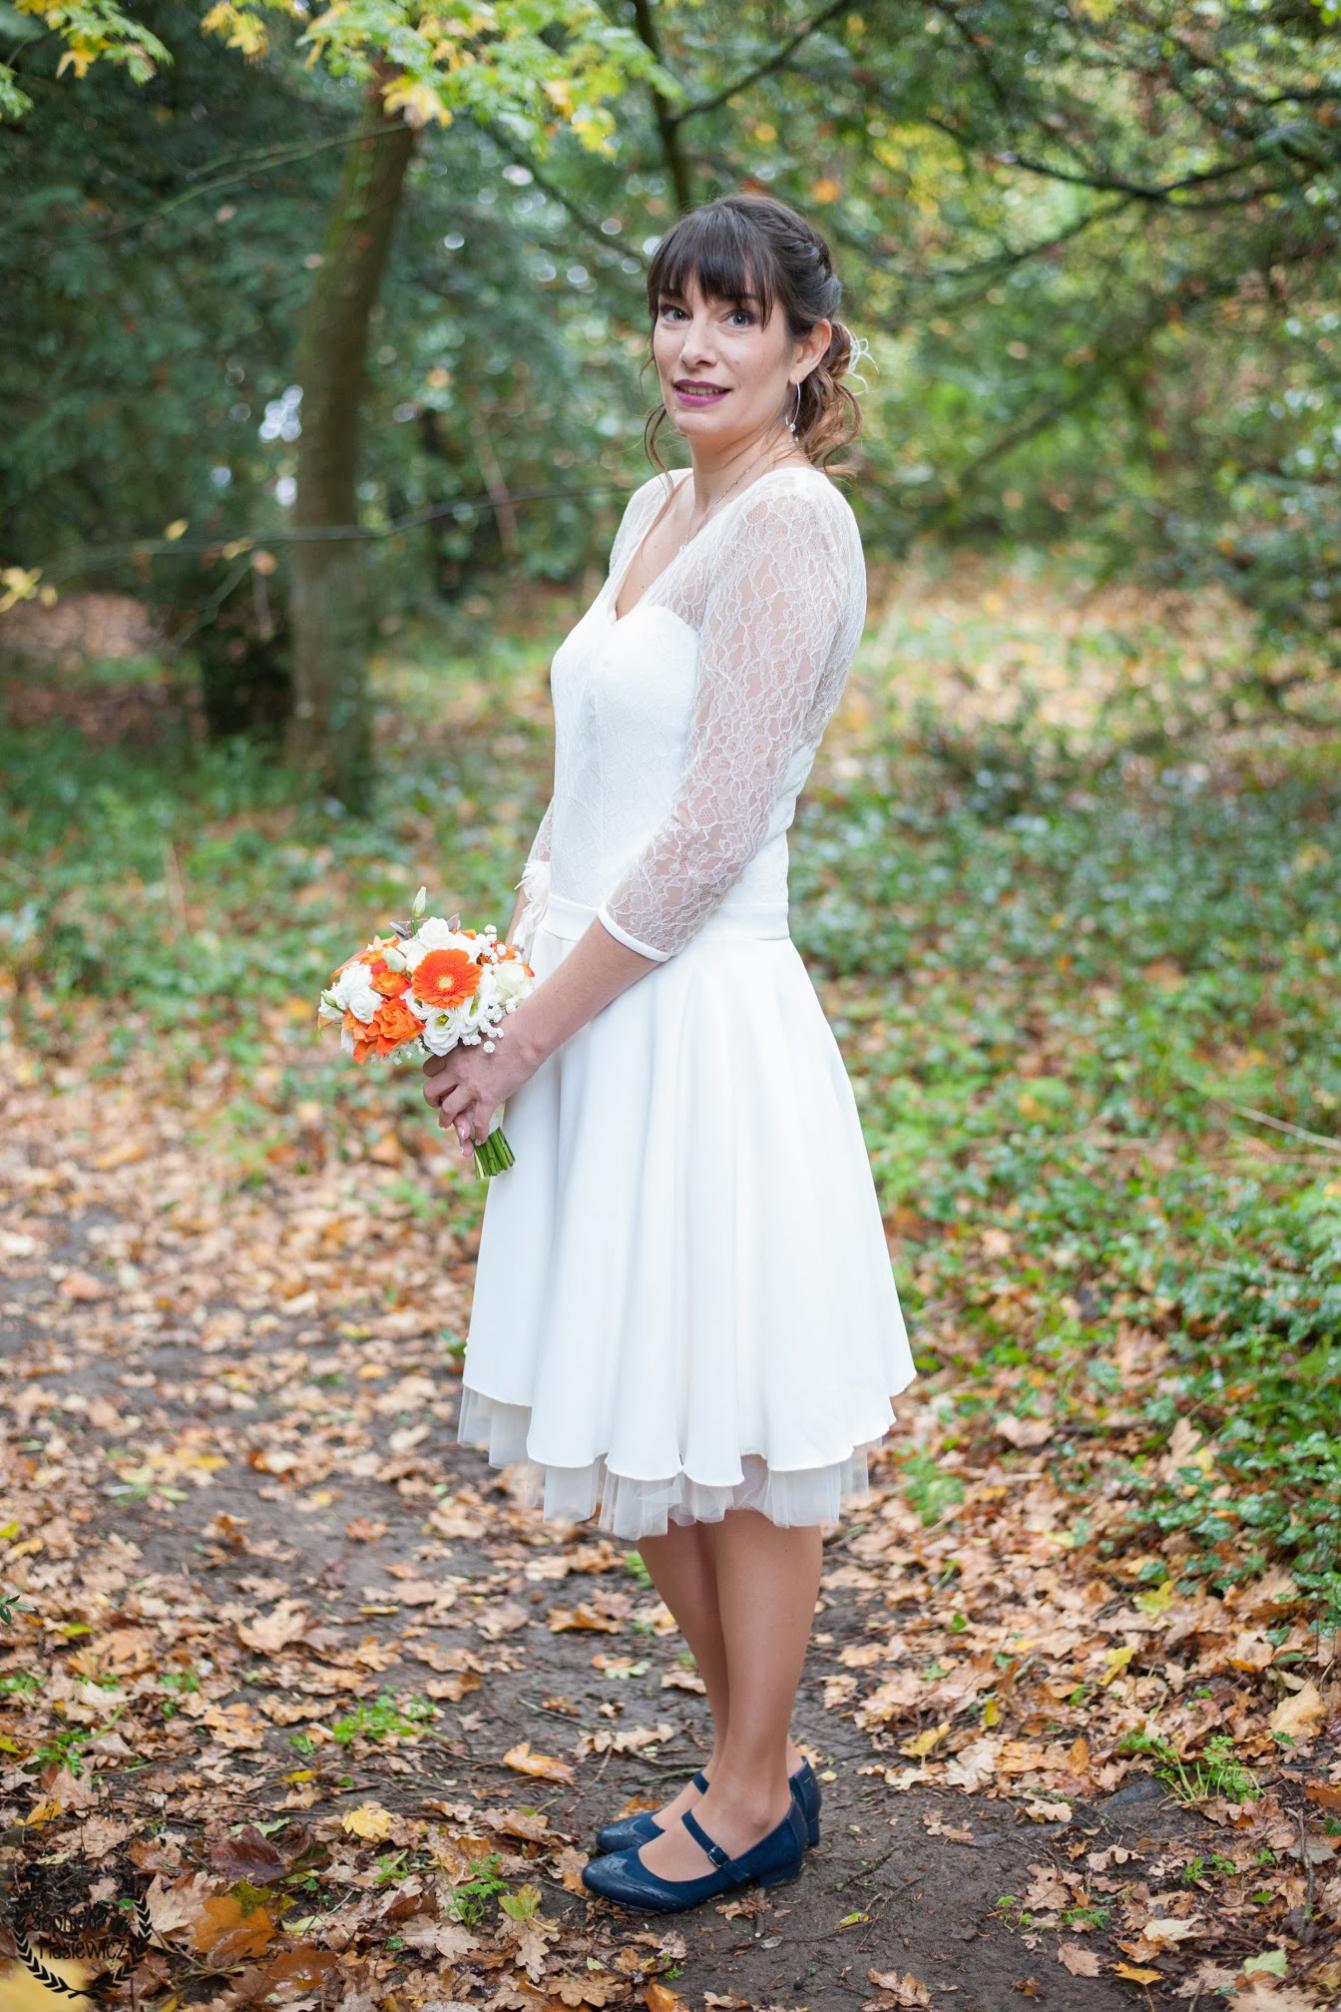 Marie Flore (crédit : Sophie Masiewick)